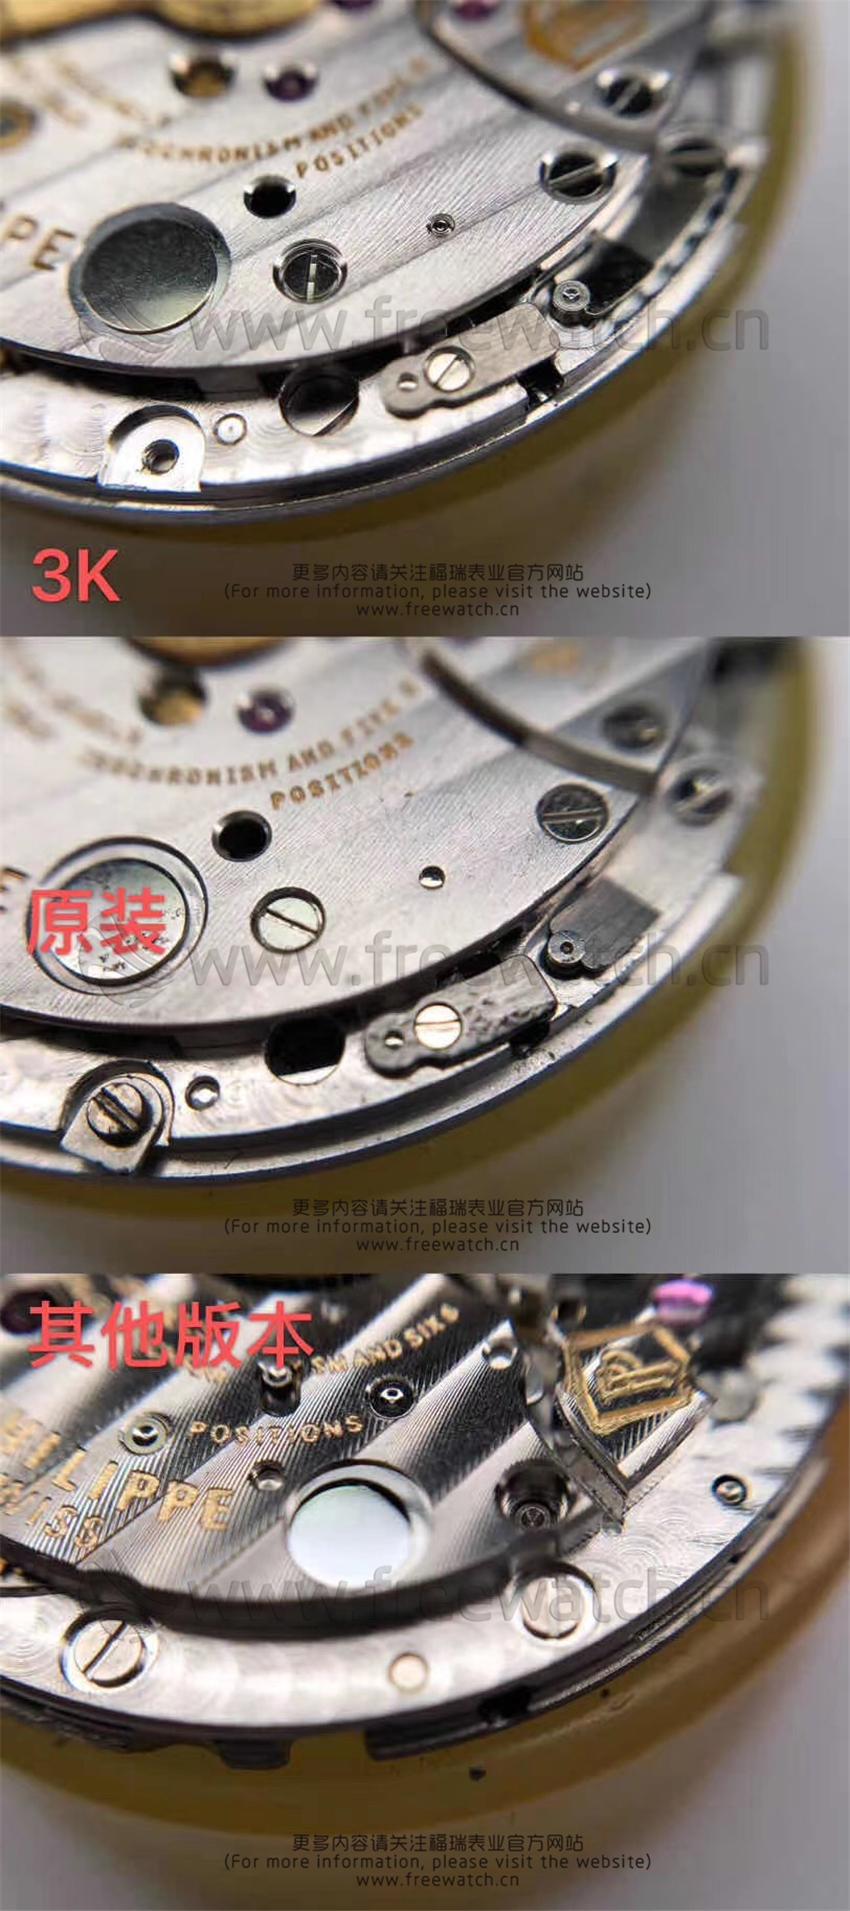 3K厂百达翡丽手雷与正品对比评测和其它版本差别在哪-第16张